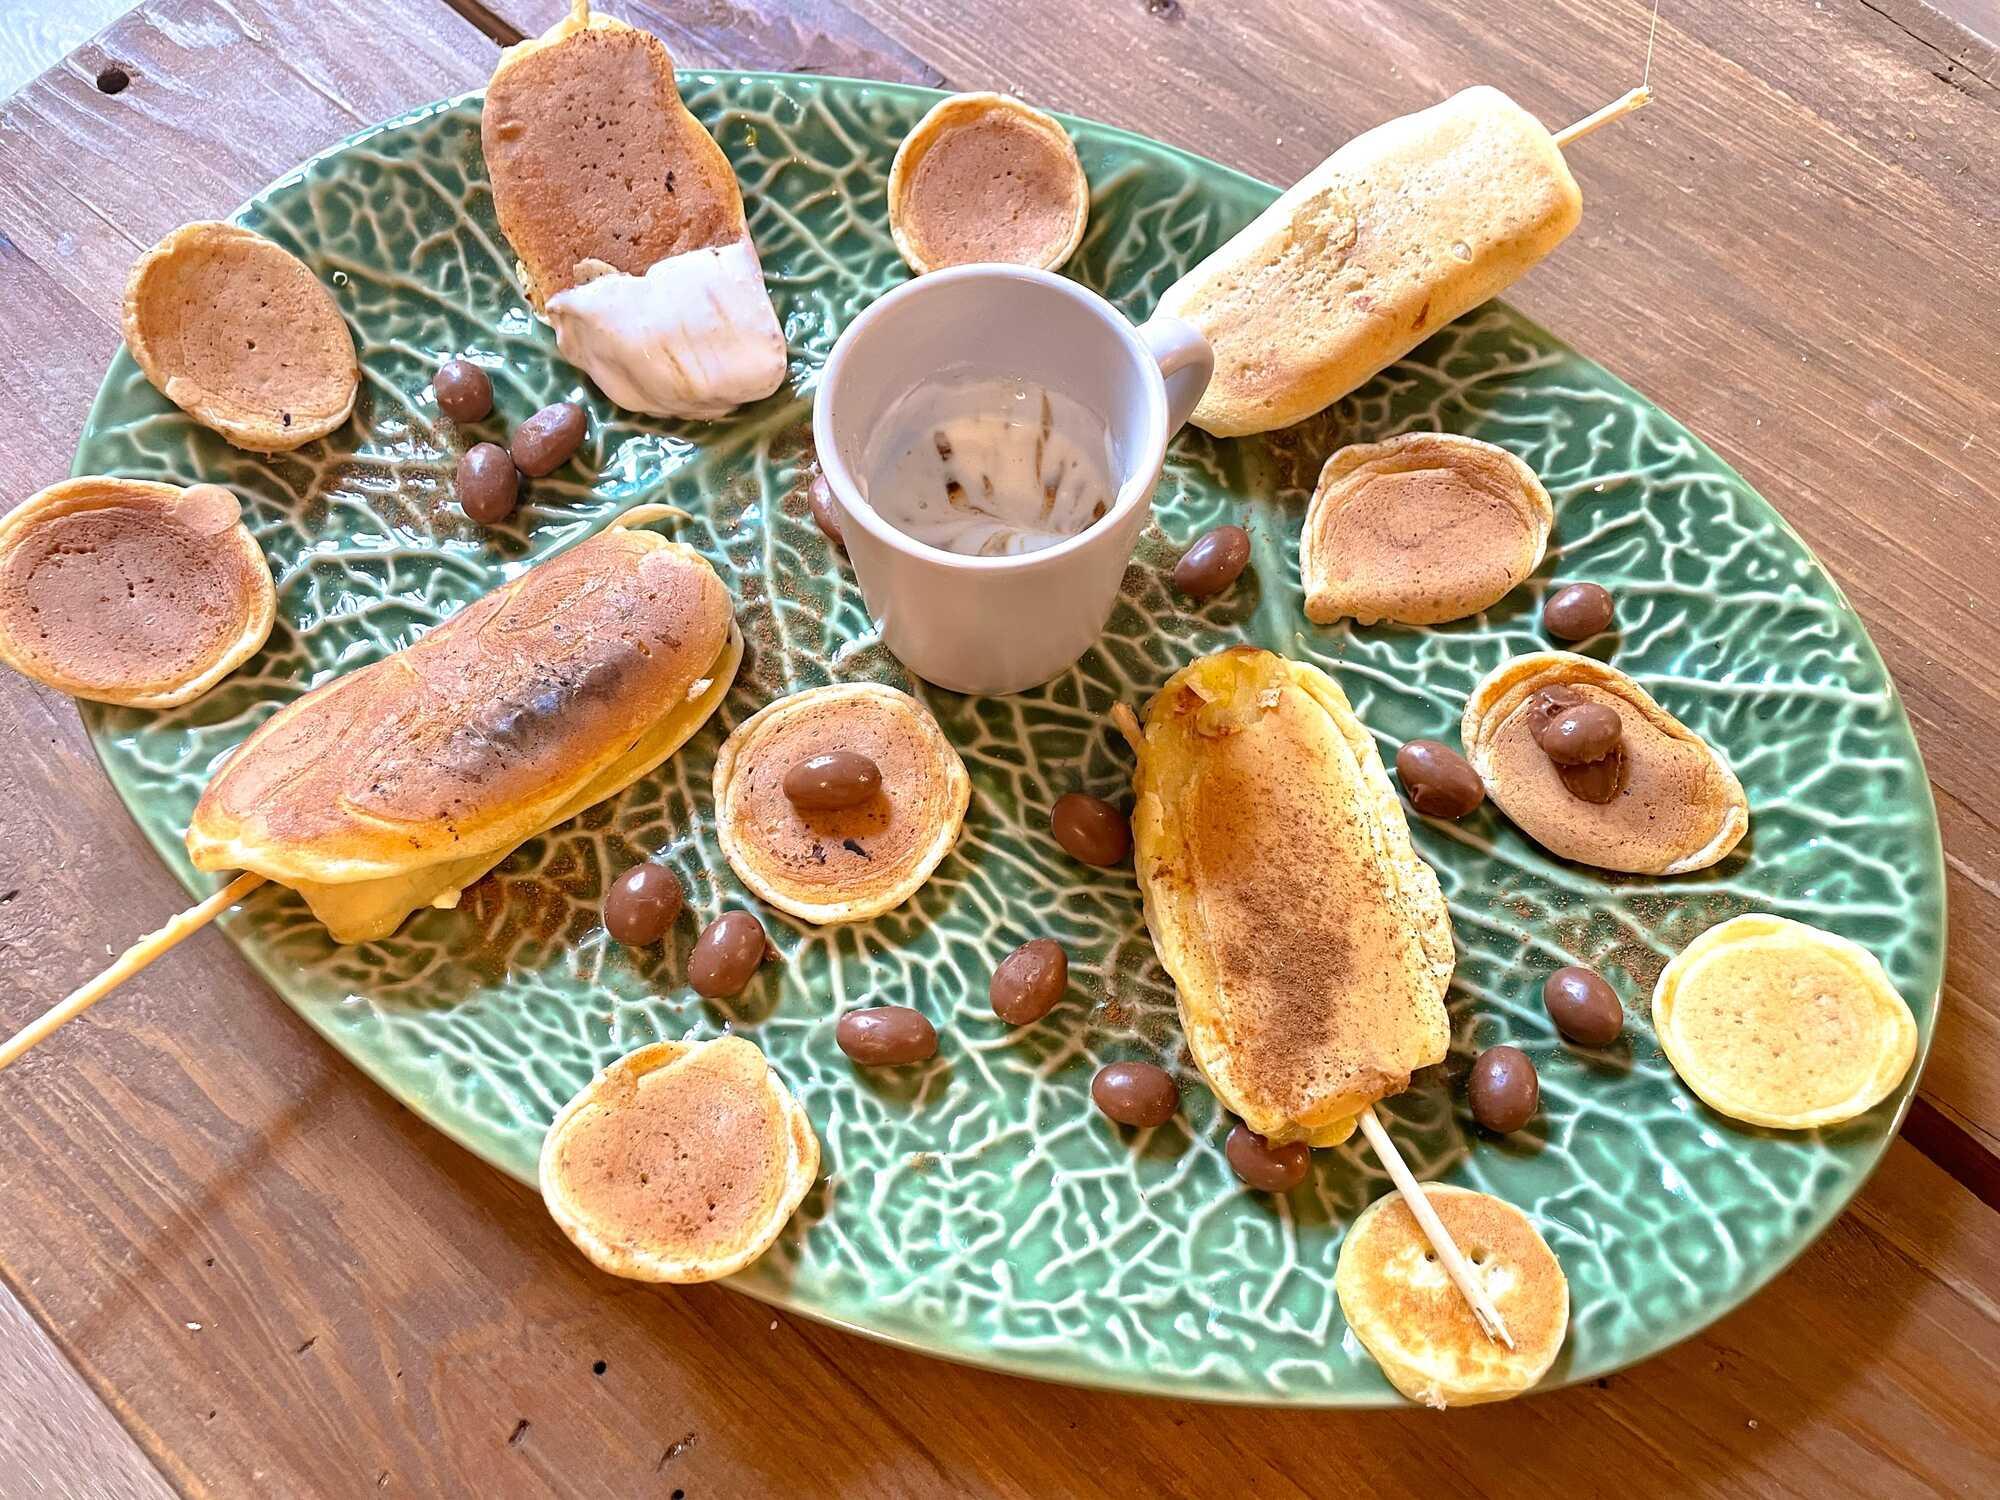 Sucettes de pancake/banane déposés sur un joli plat ovale vert, décoré de pépites de chocolat.